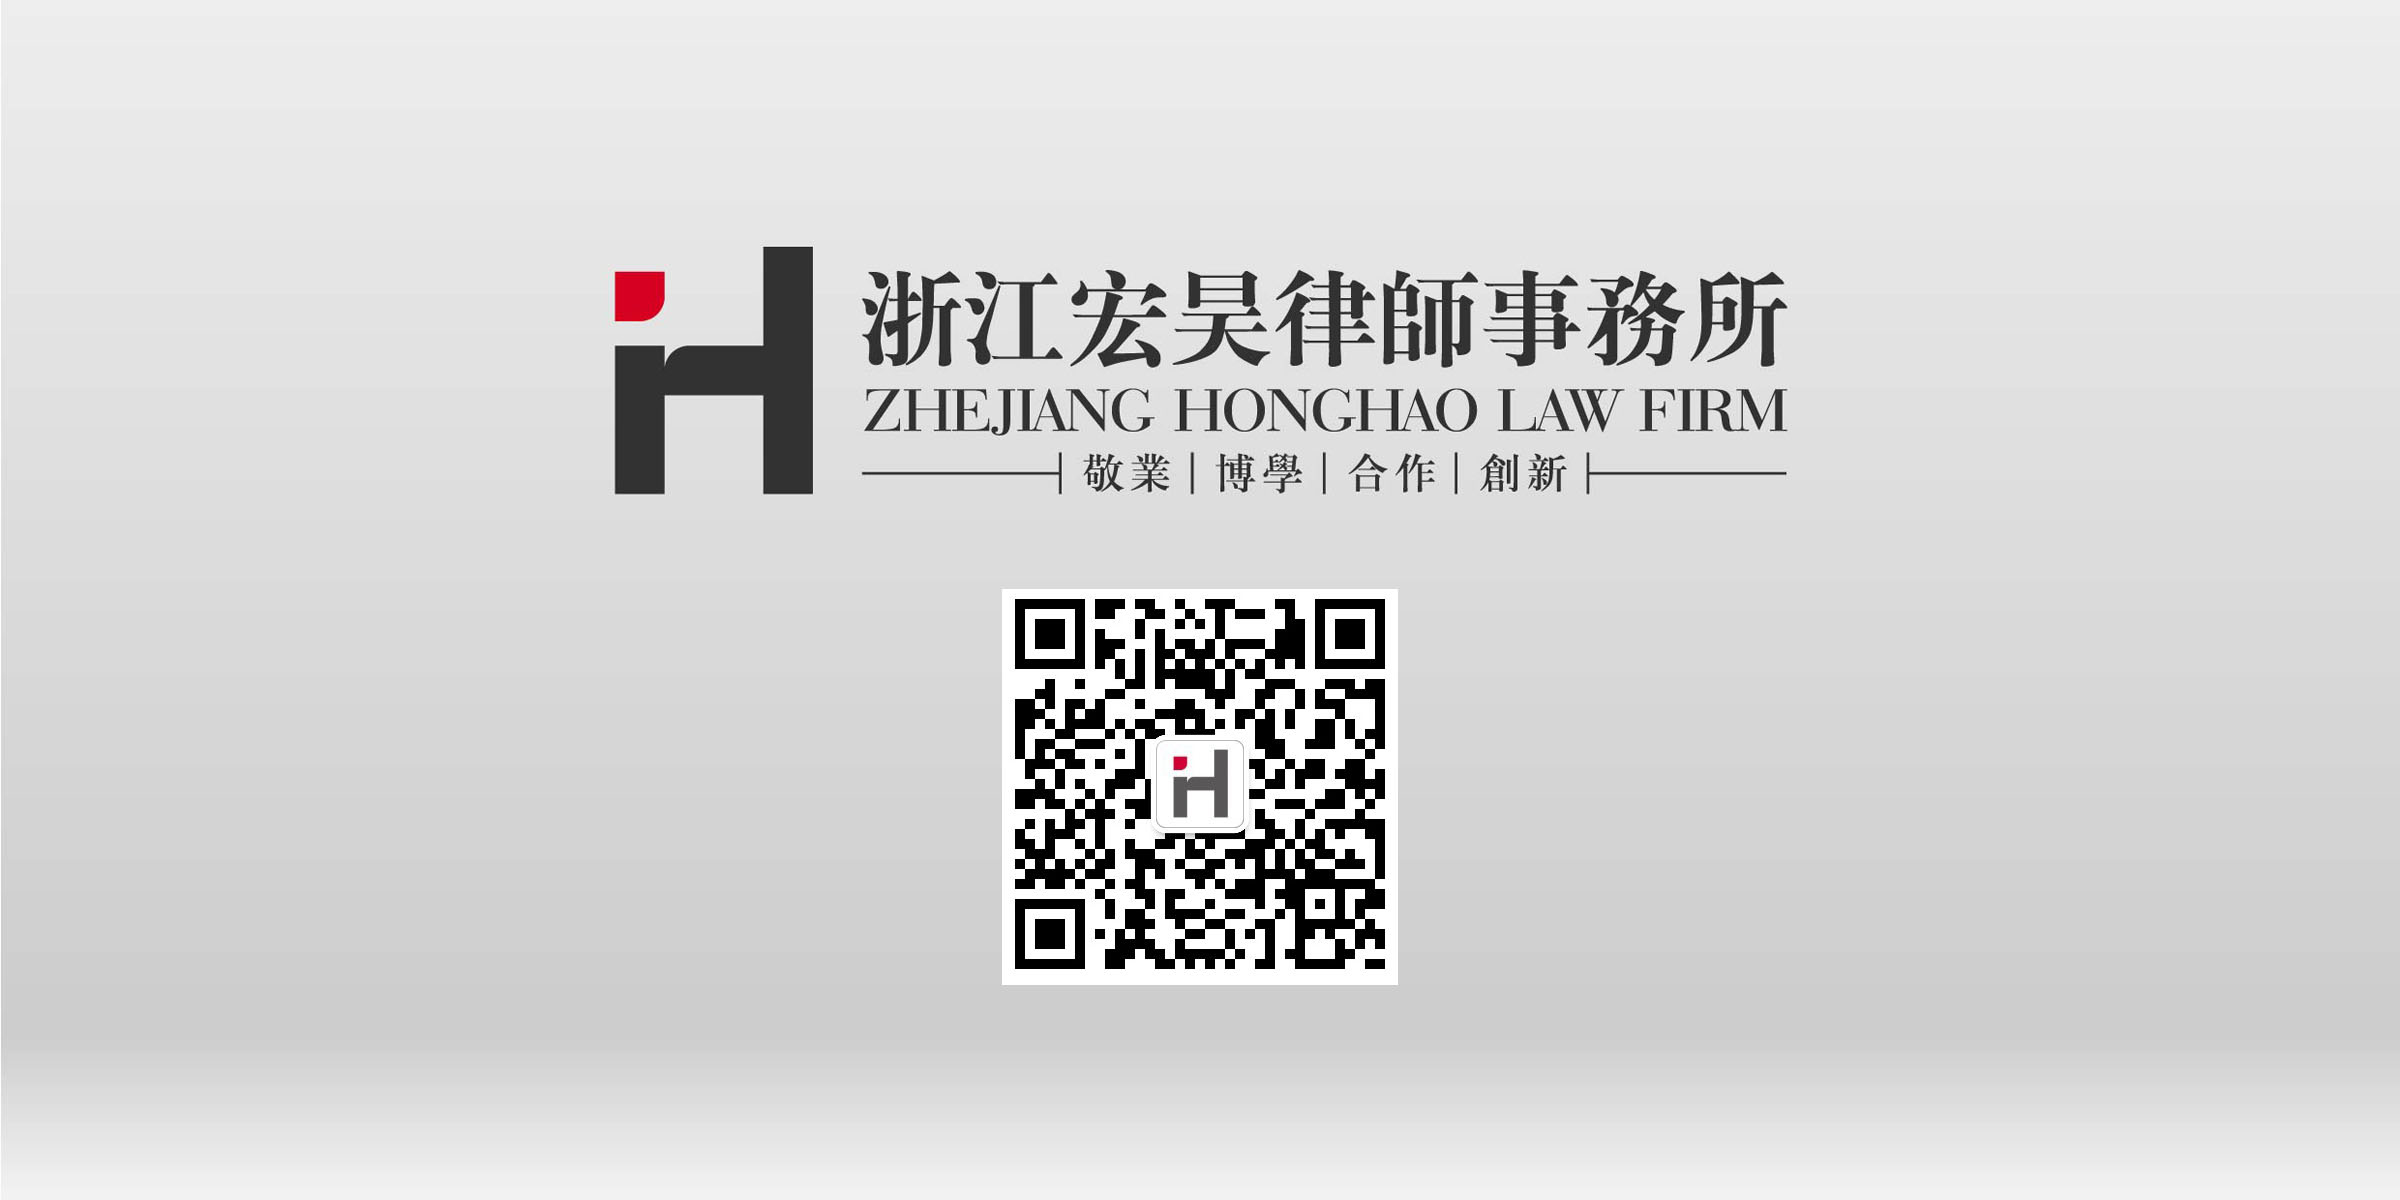 浙江省优秀律师事务所